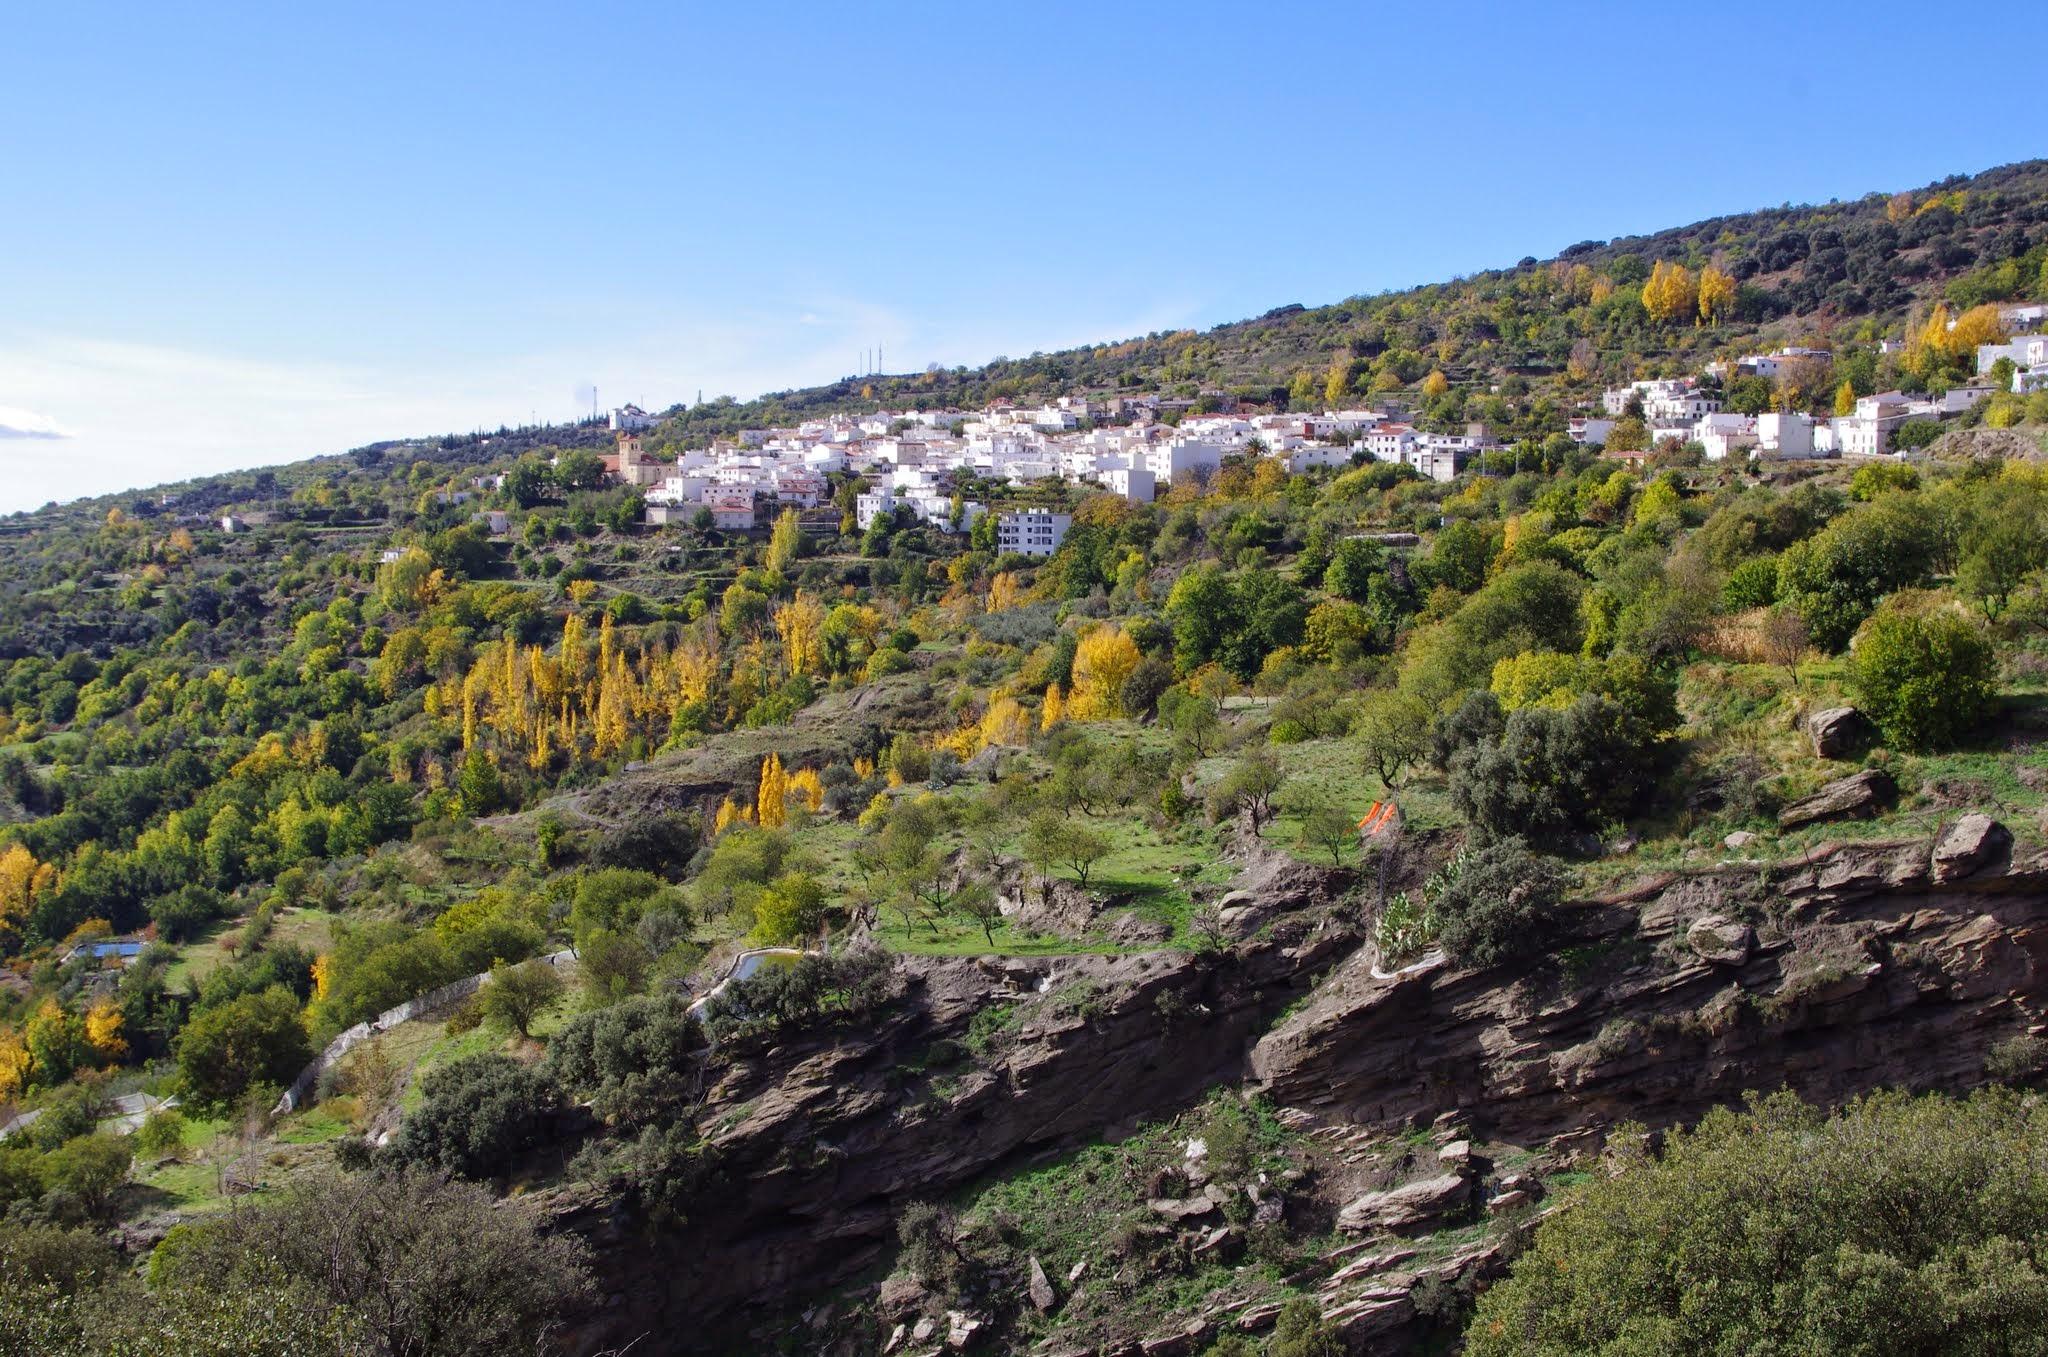 Vista general de Paterna del Río Fotografía ©José Ángel Fernández